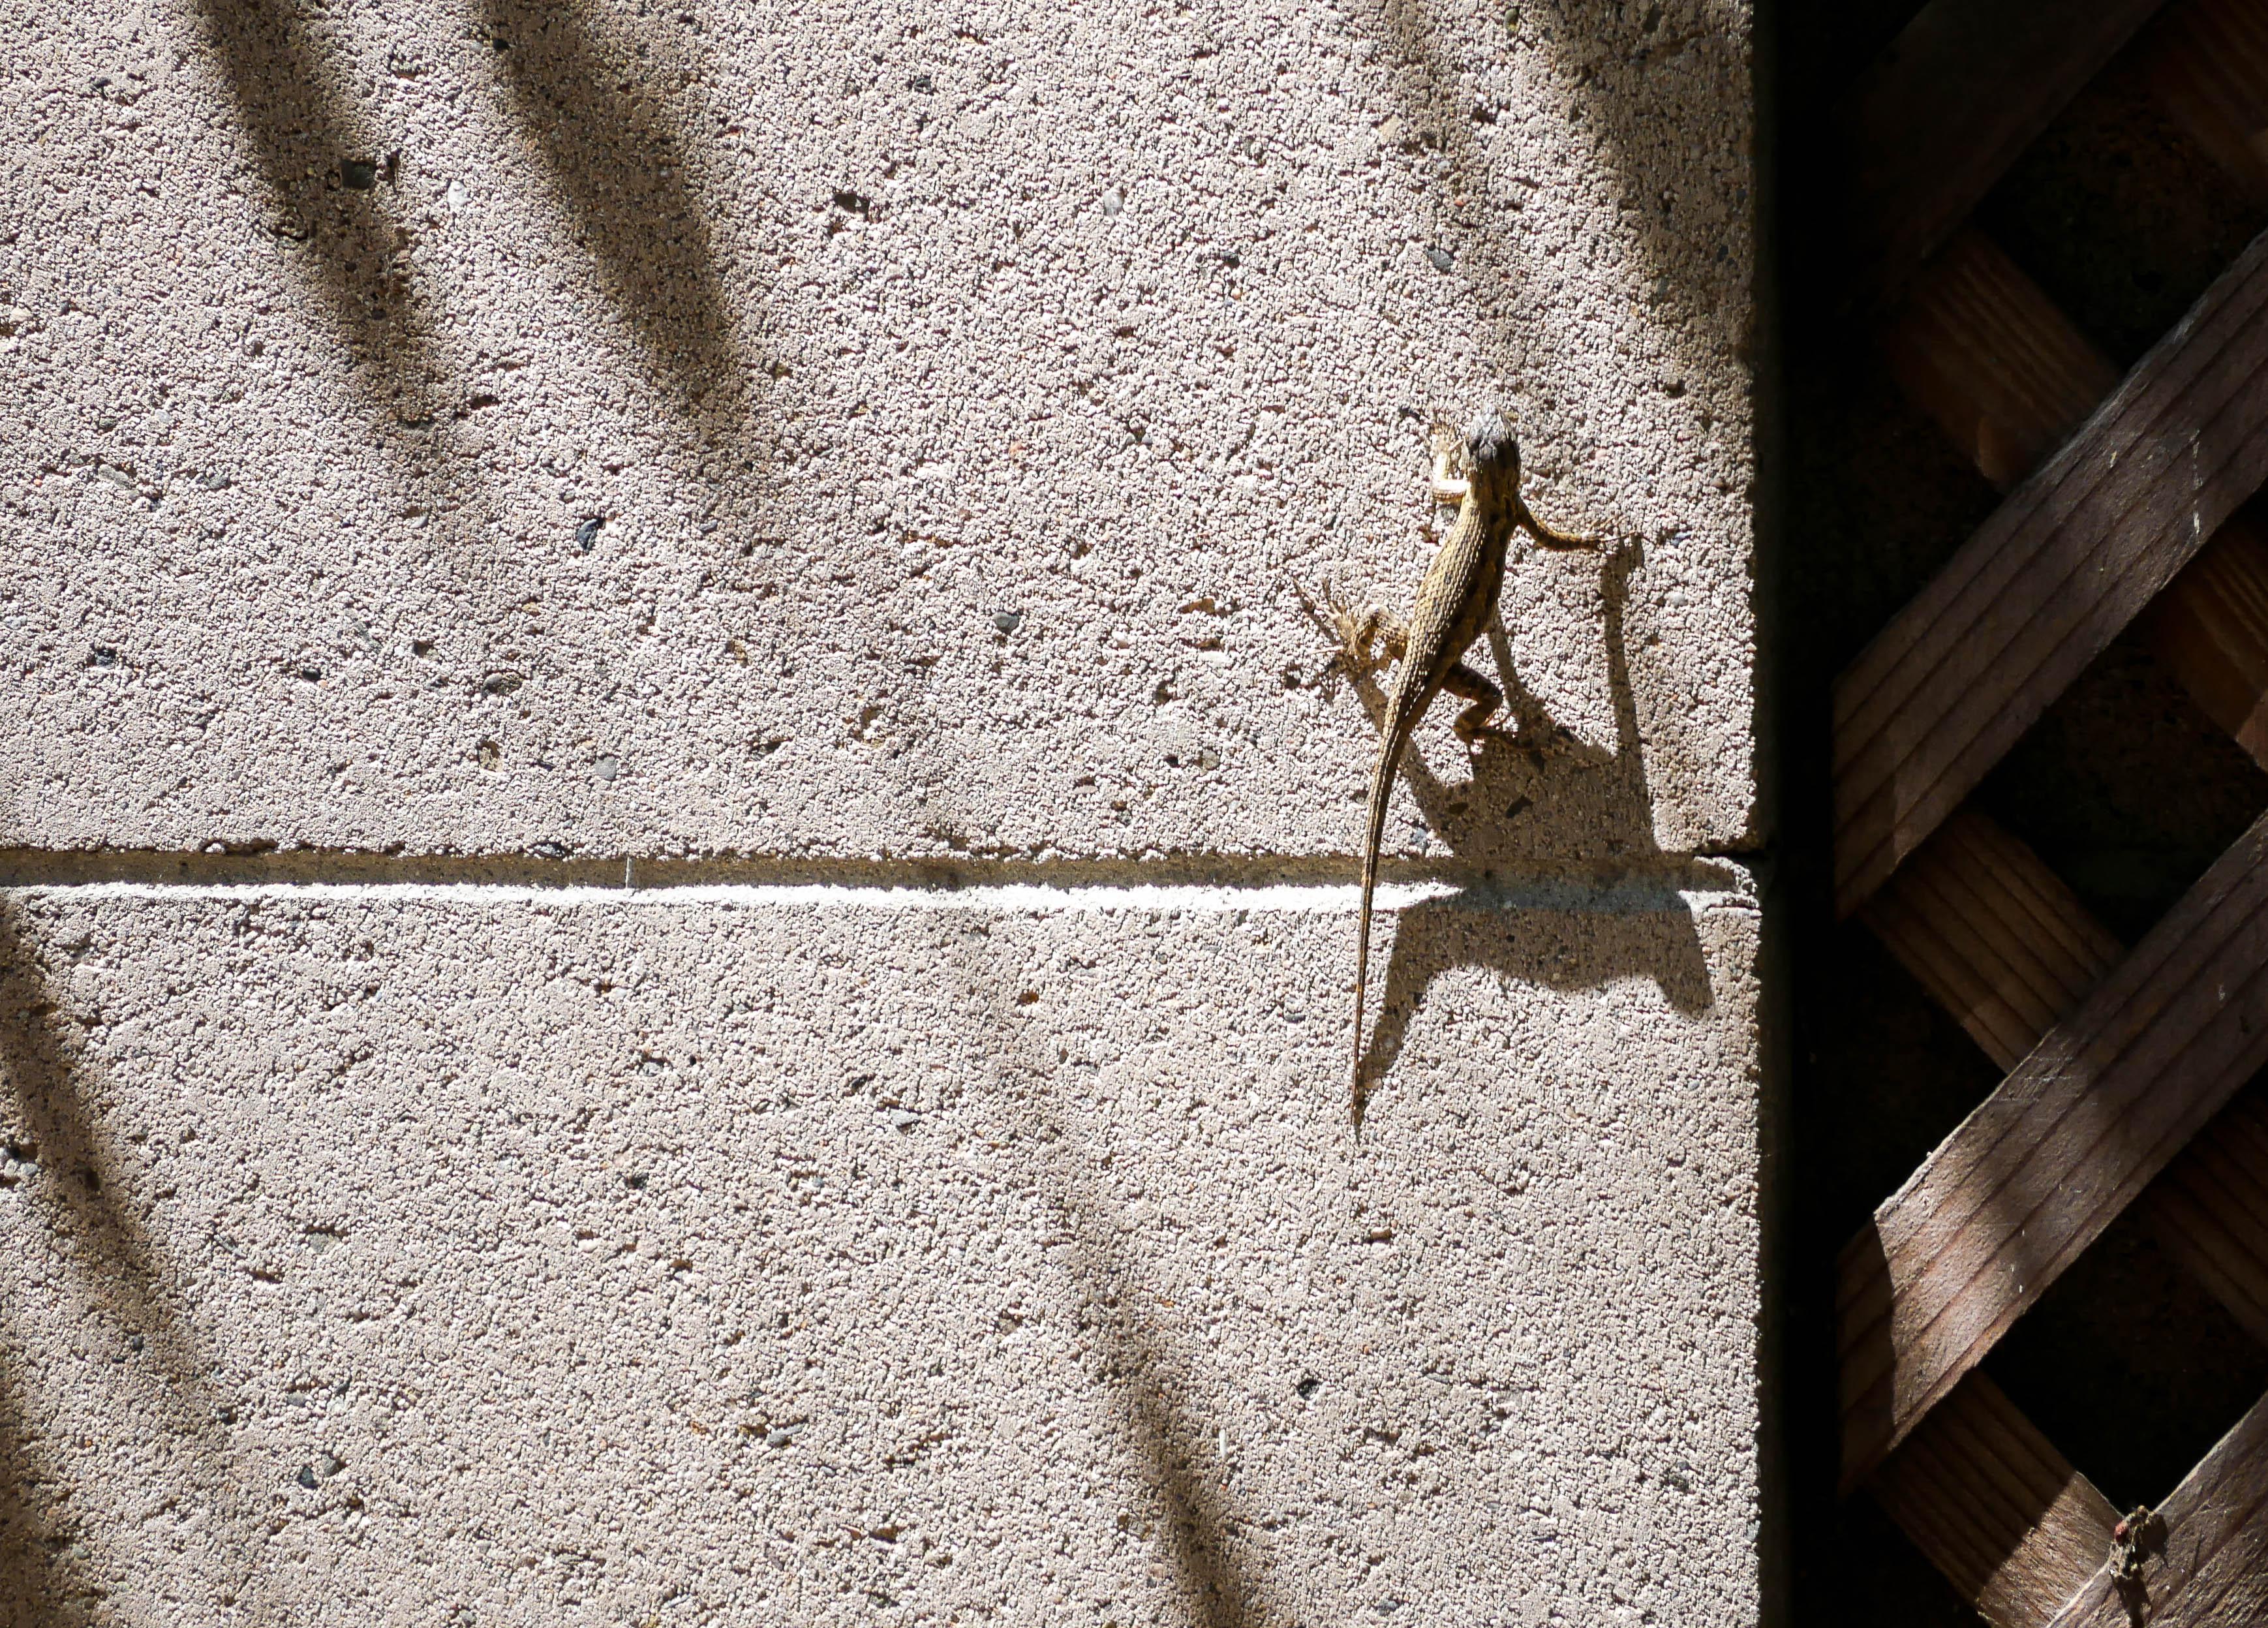 Lizard-1040300